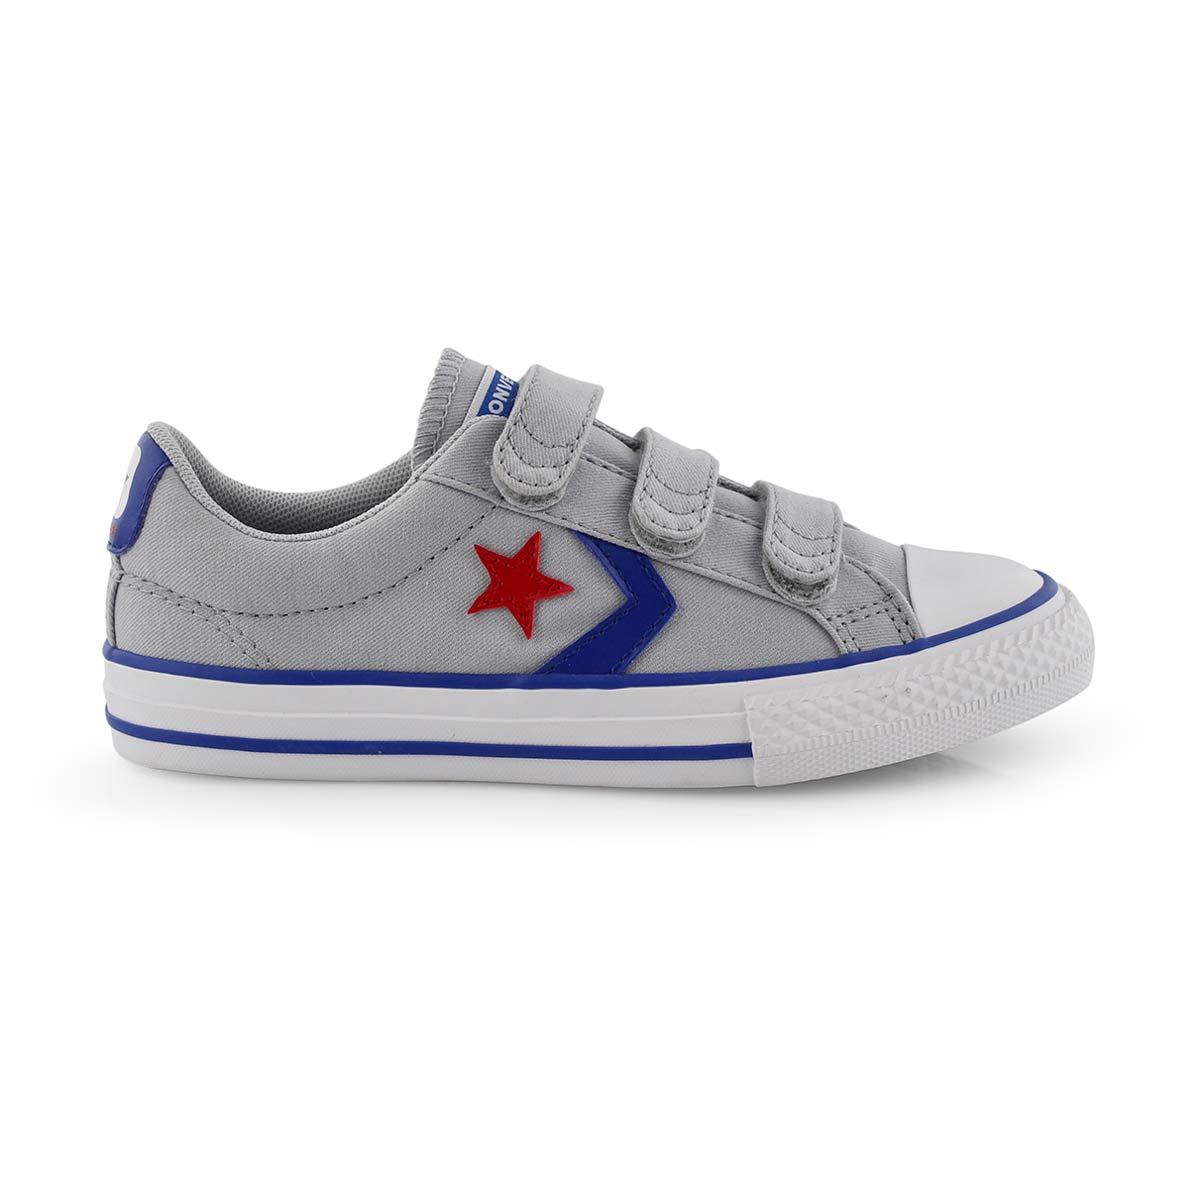 Bys Star Player 3V wolf grey/blu sneaker